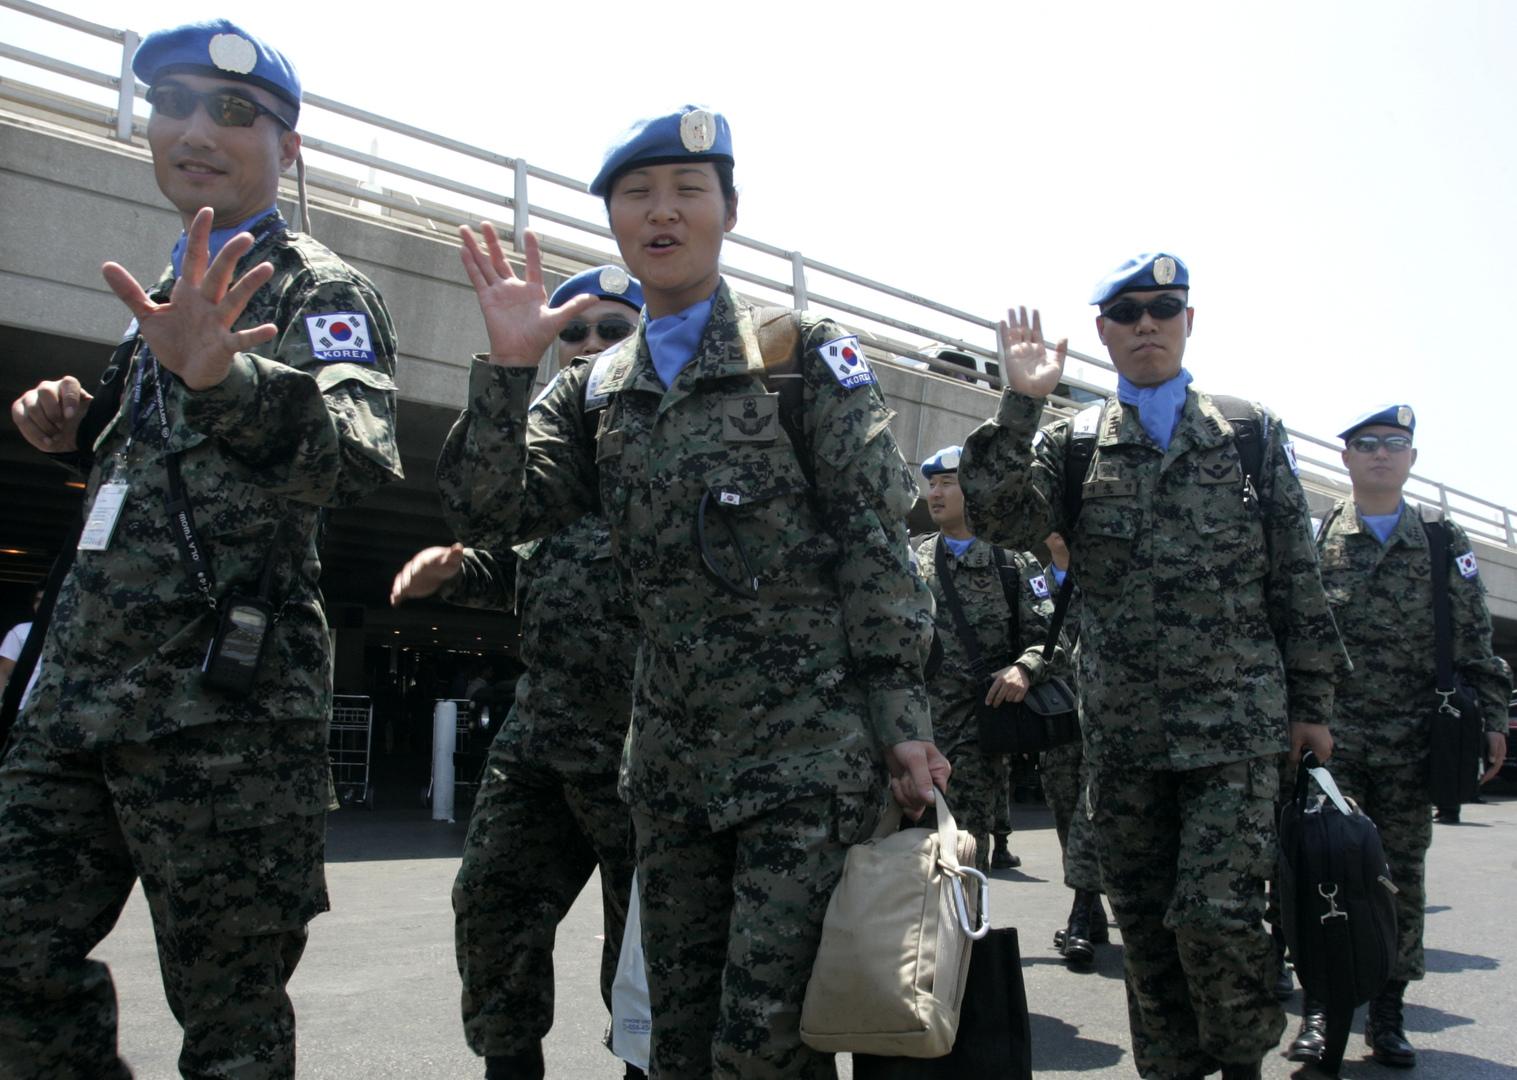 جنود كوريون جنوبيون من قوات حفظ السلام في لبنان